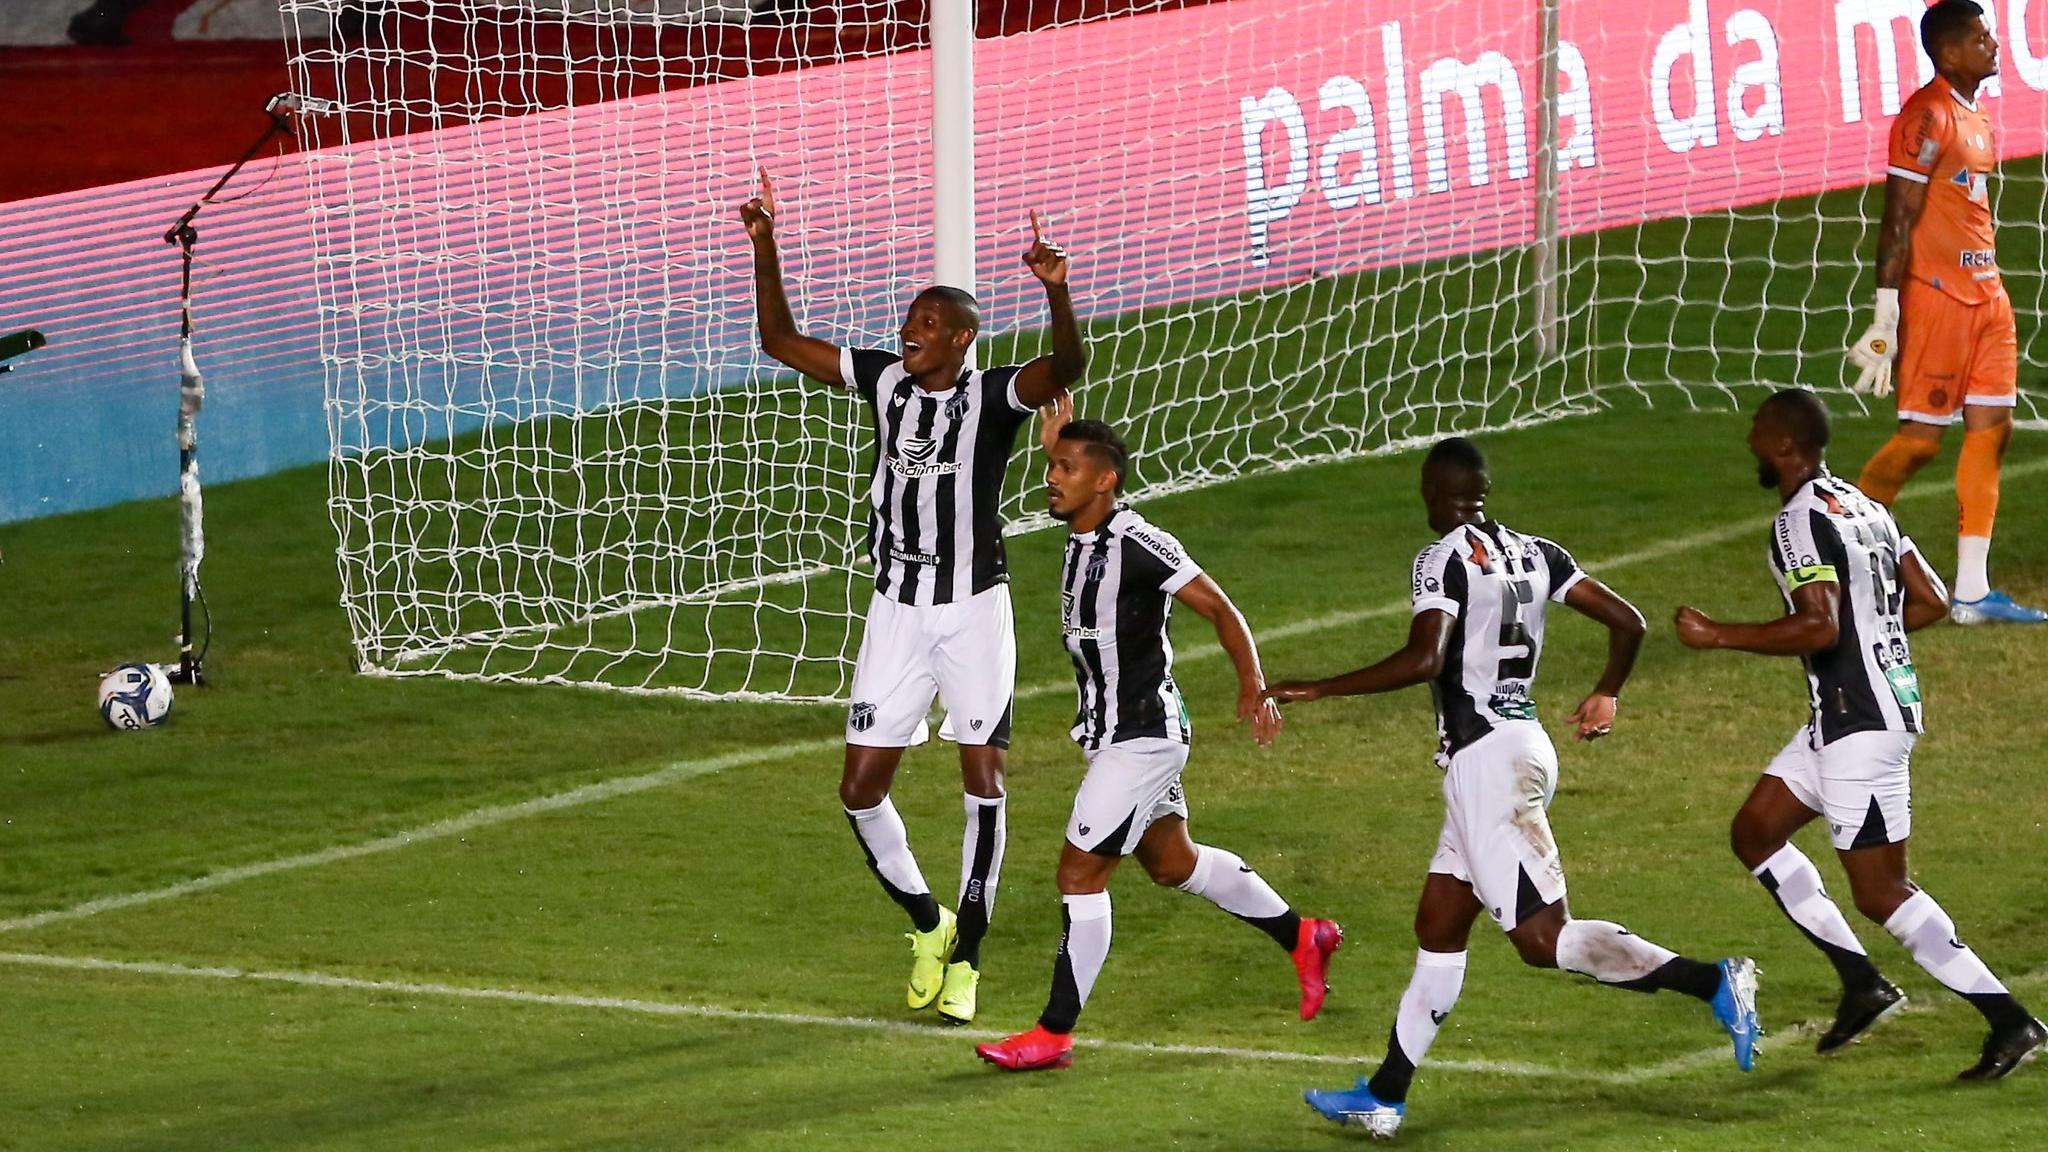 eará é campeão da Copa do Nordeste Foto: Felipe Santos